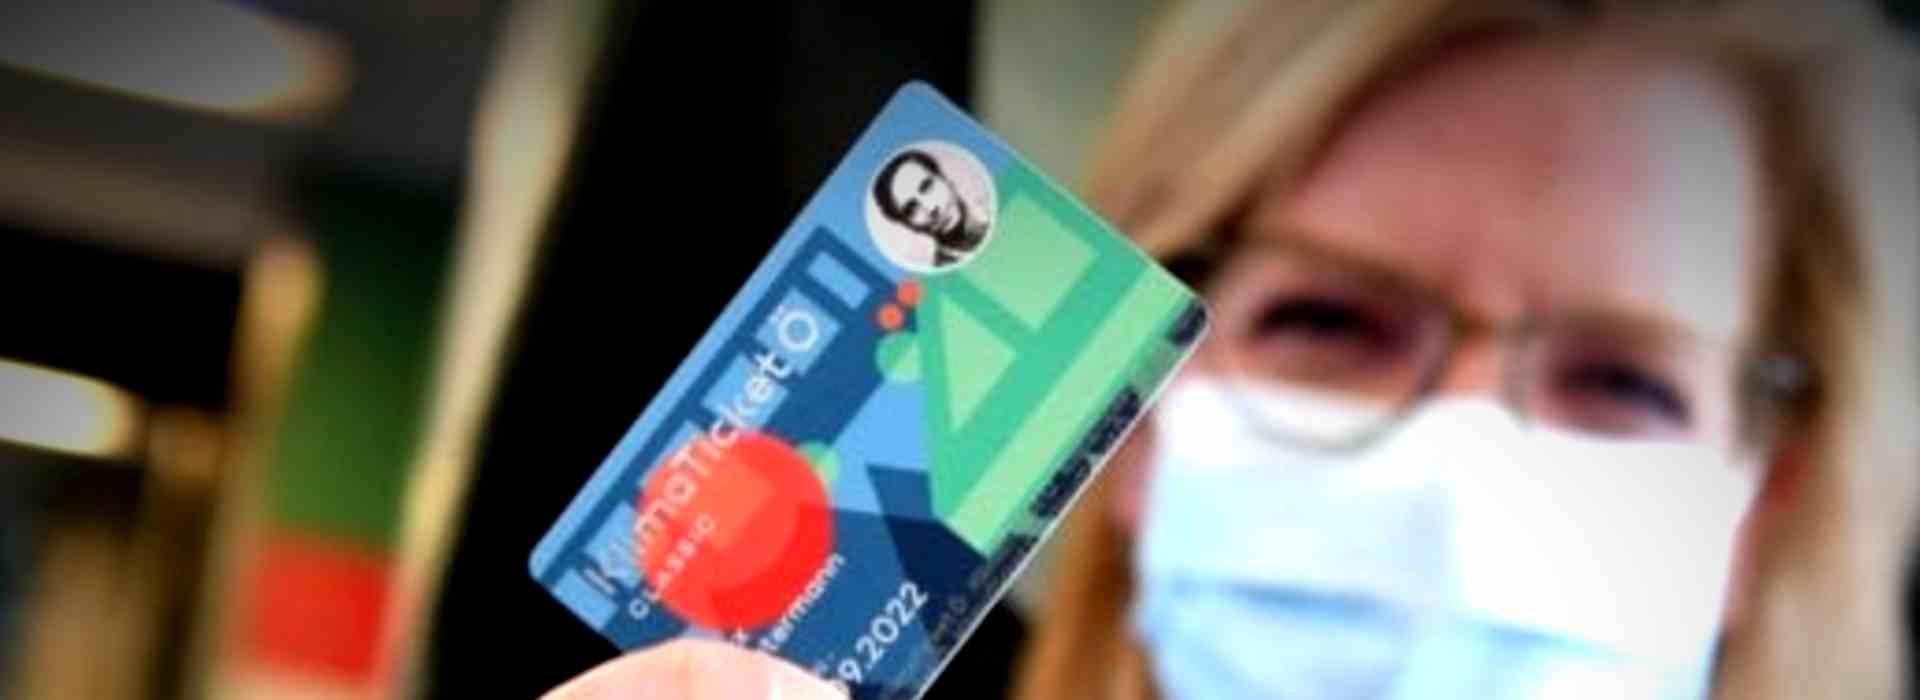 Biglietto climatico: in Austria costerà 3 euro al giorno per tutti i trasporti pubblici